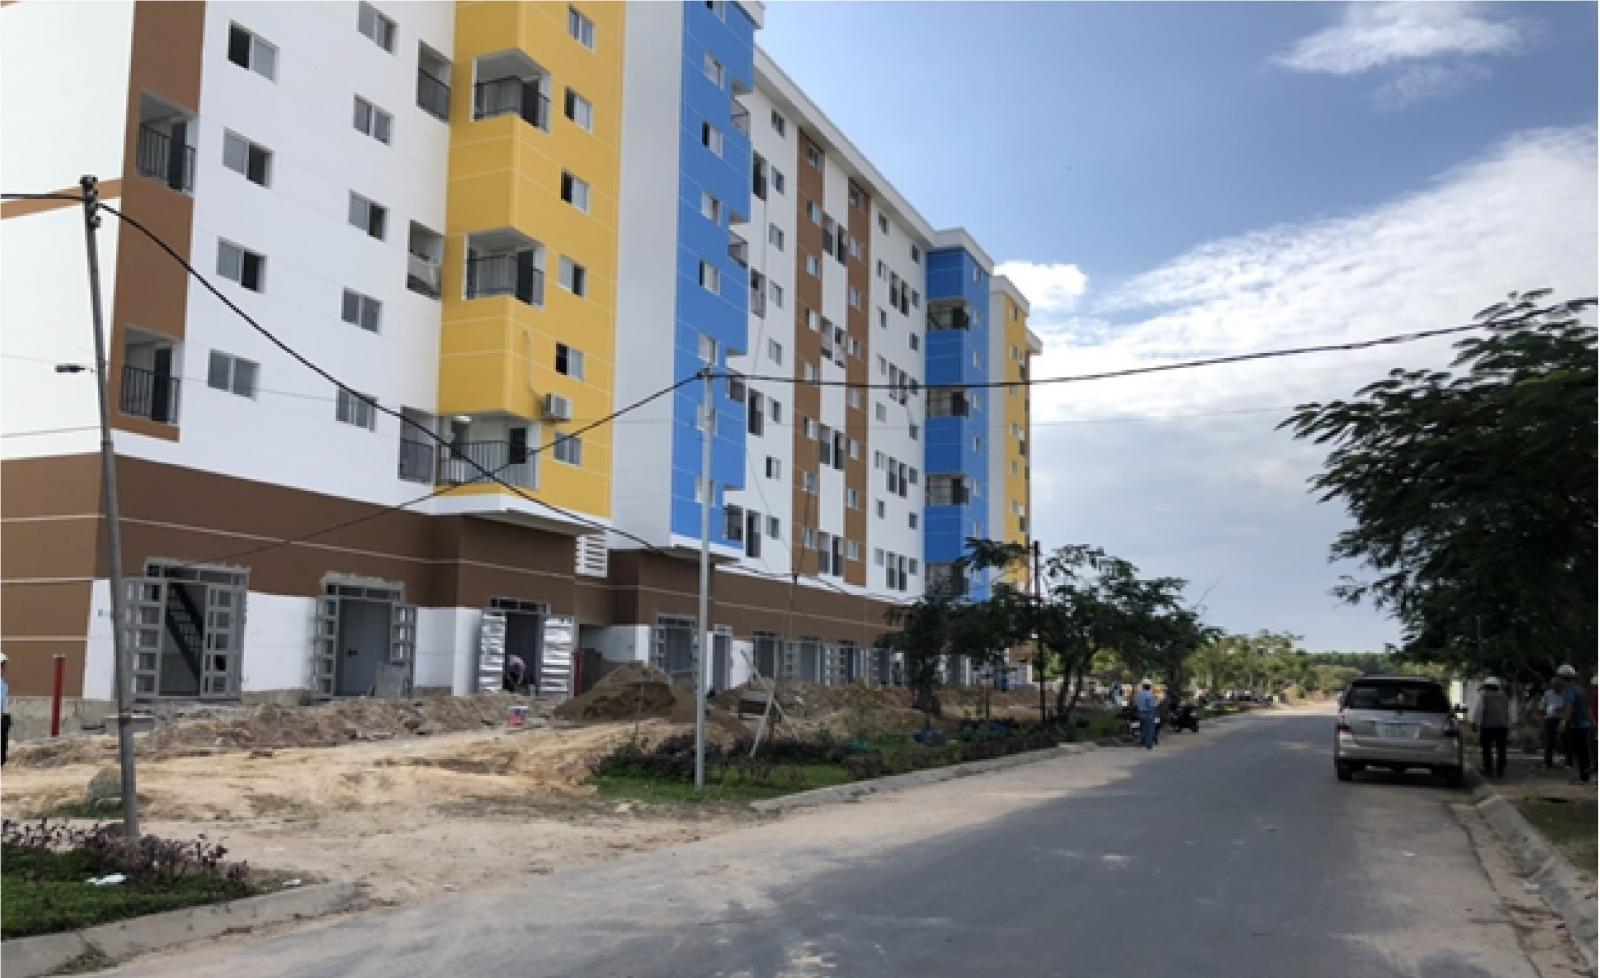 Một tòa chung cư nằm sát đường được sơn màu trắng, vàng, xanh